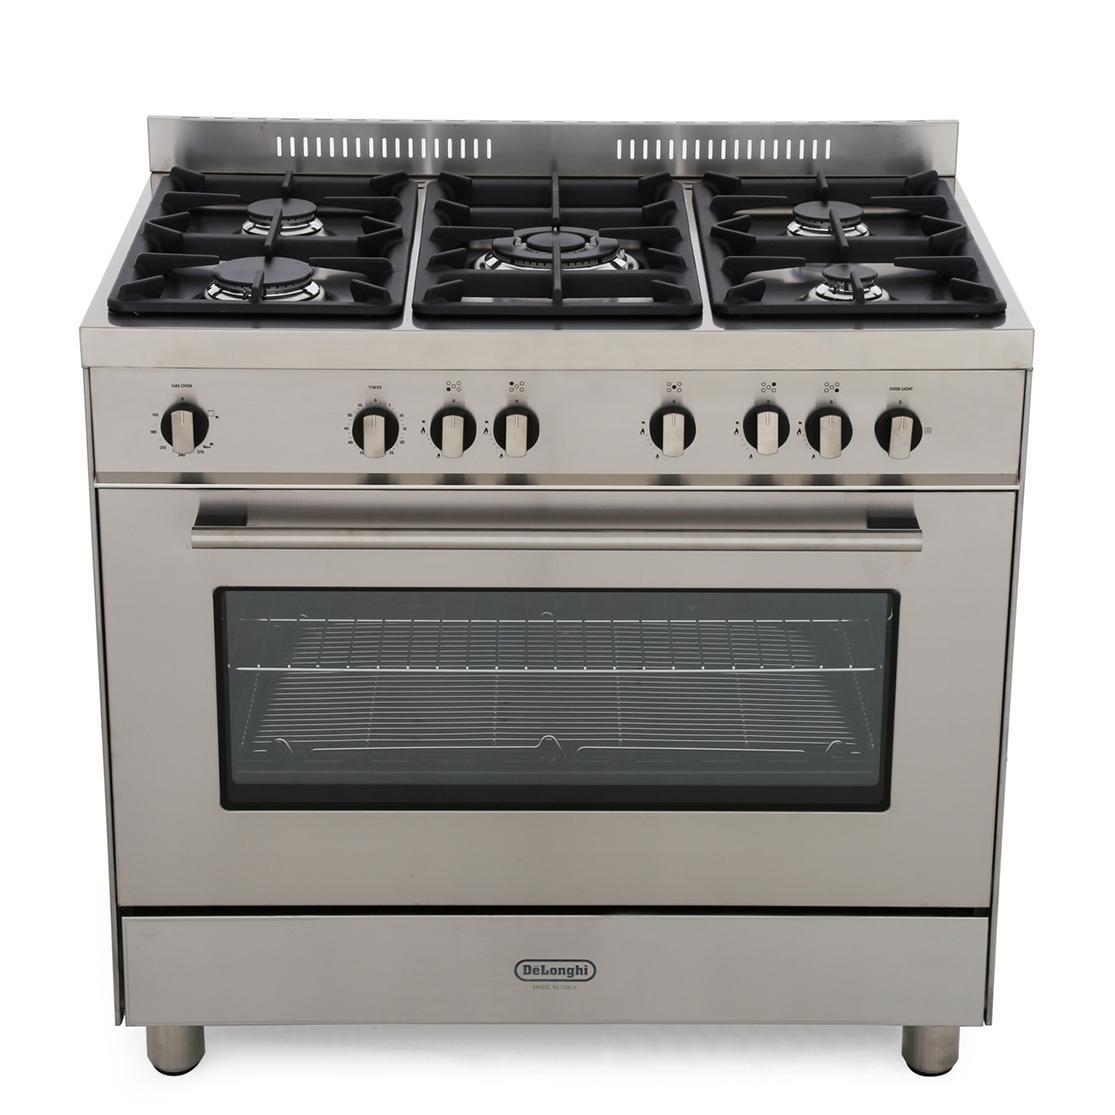 DeLonghi DSR906G 90cm Gas Range Cooker